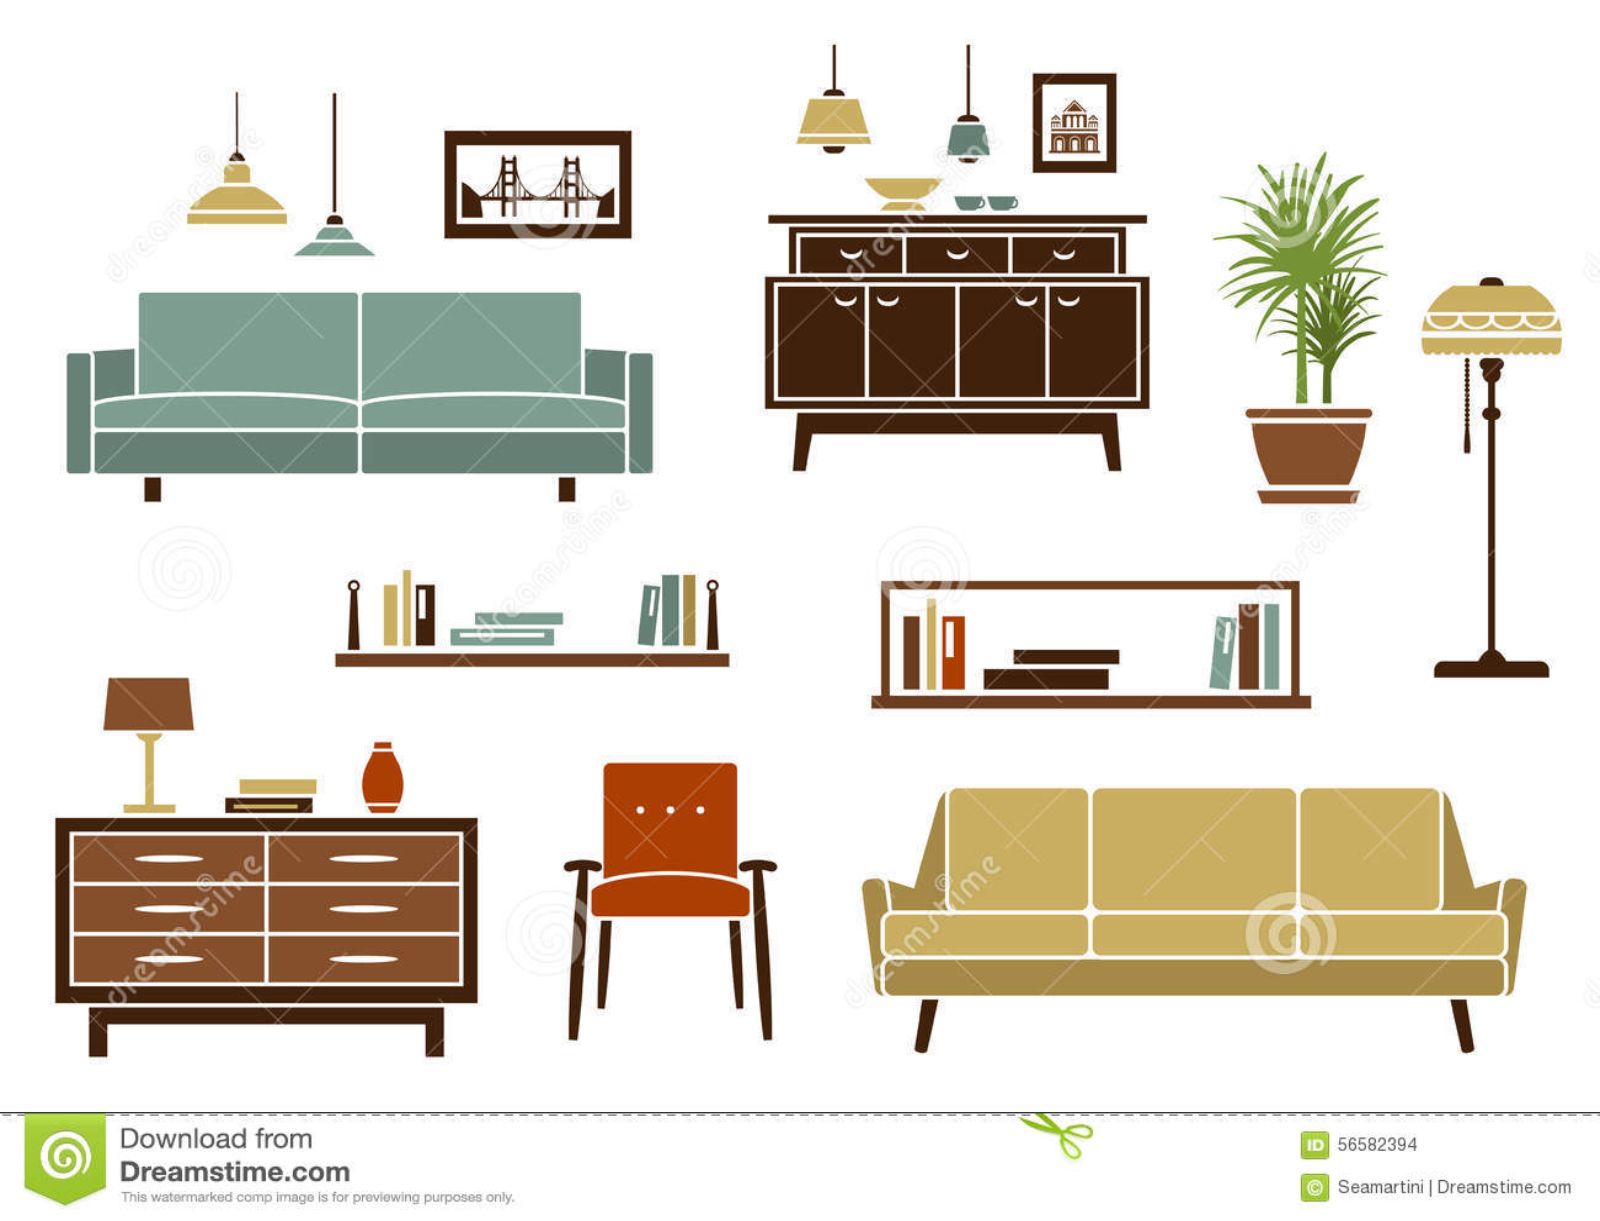 Muebles planos y accesorios interiores ilustraci n del for Planos y diseno de muebles